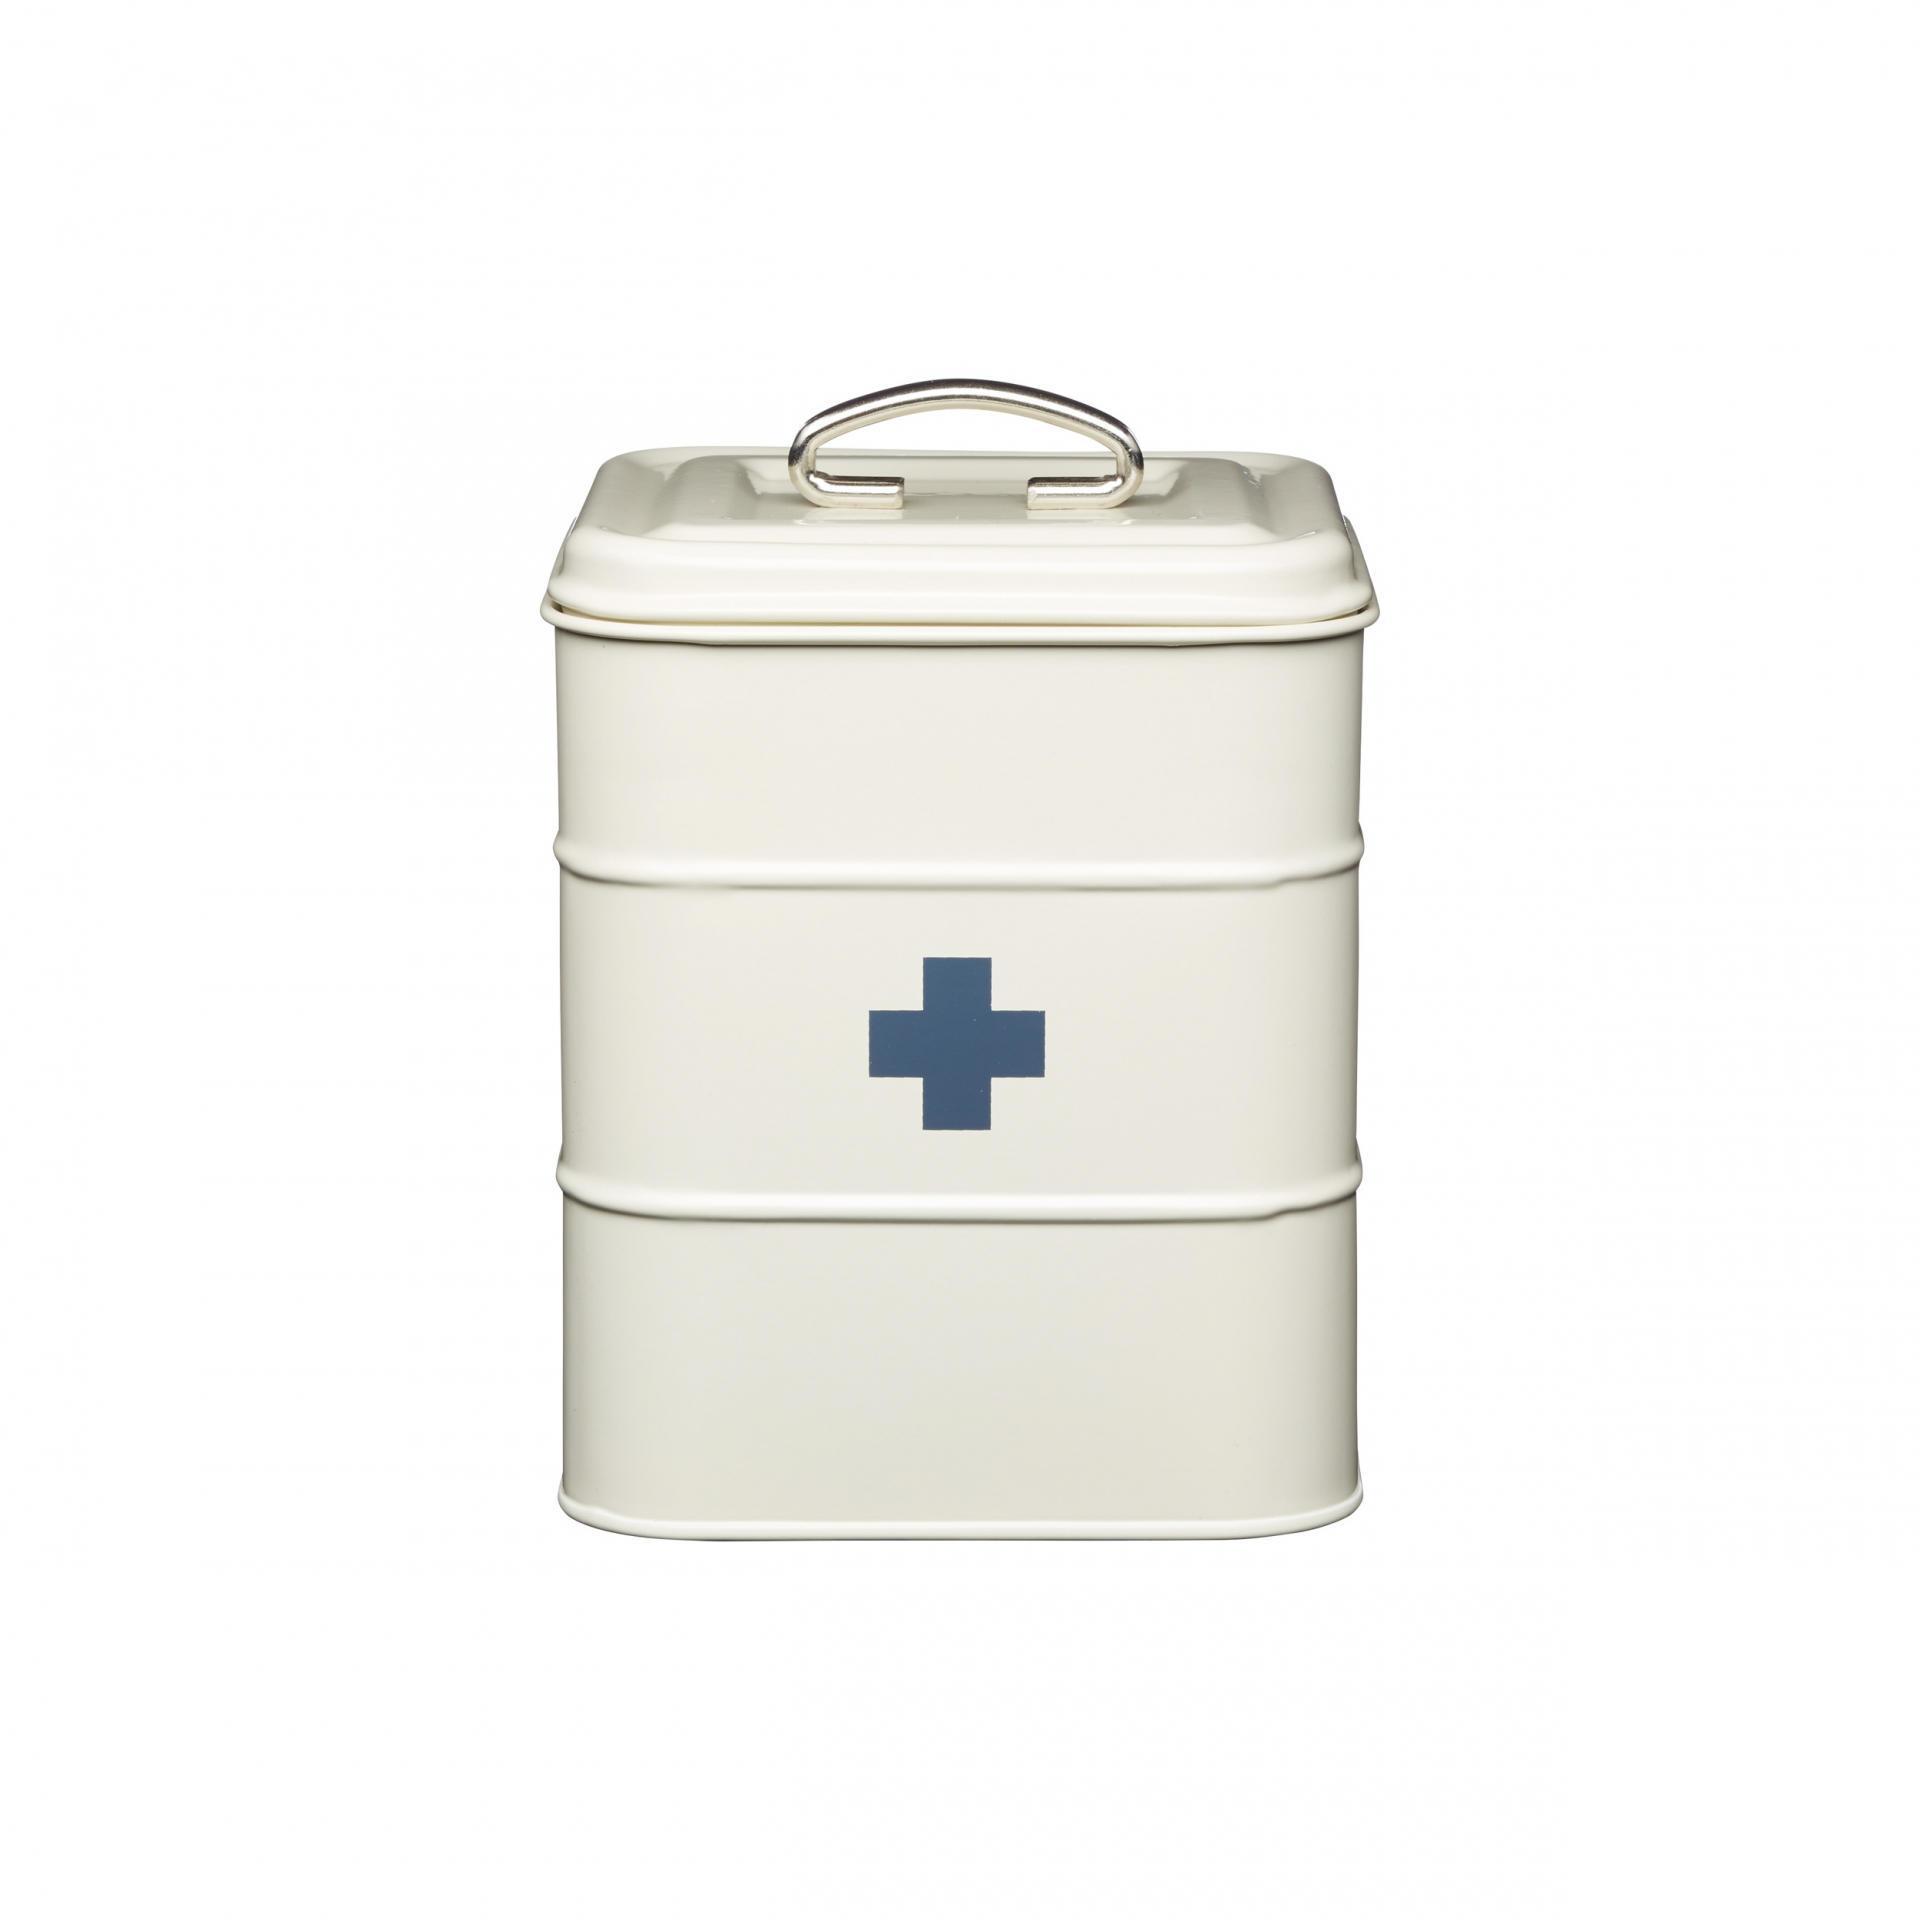 Kitchen Craft Plechová dóza na léky First aid Cream, krémová barva, kov